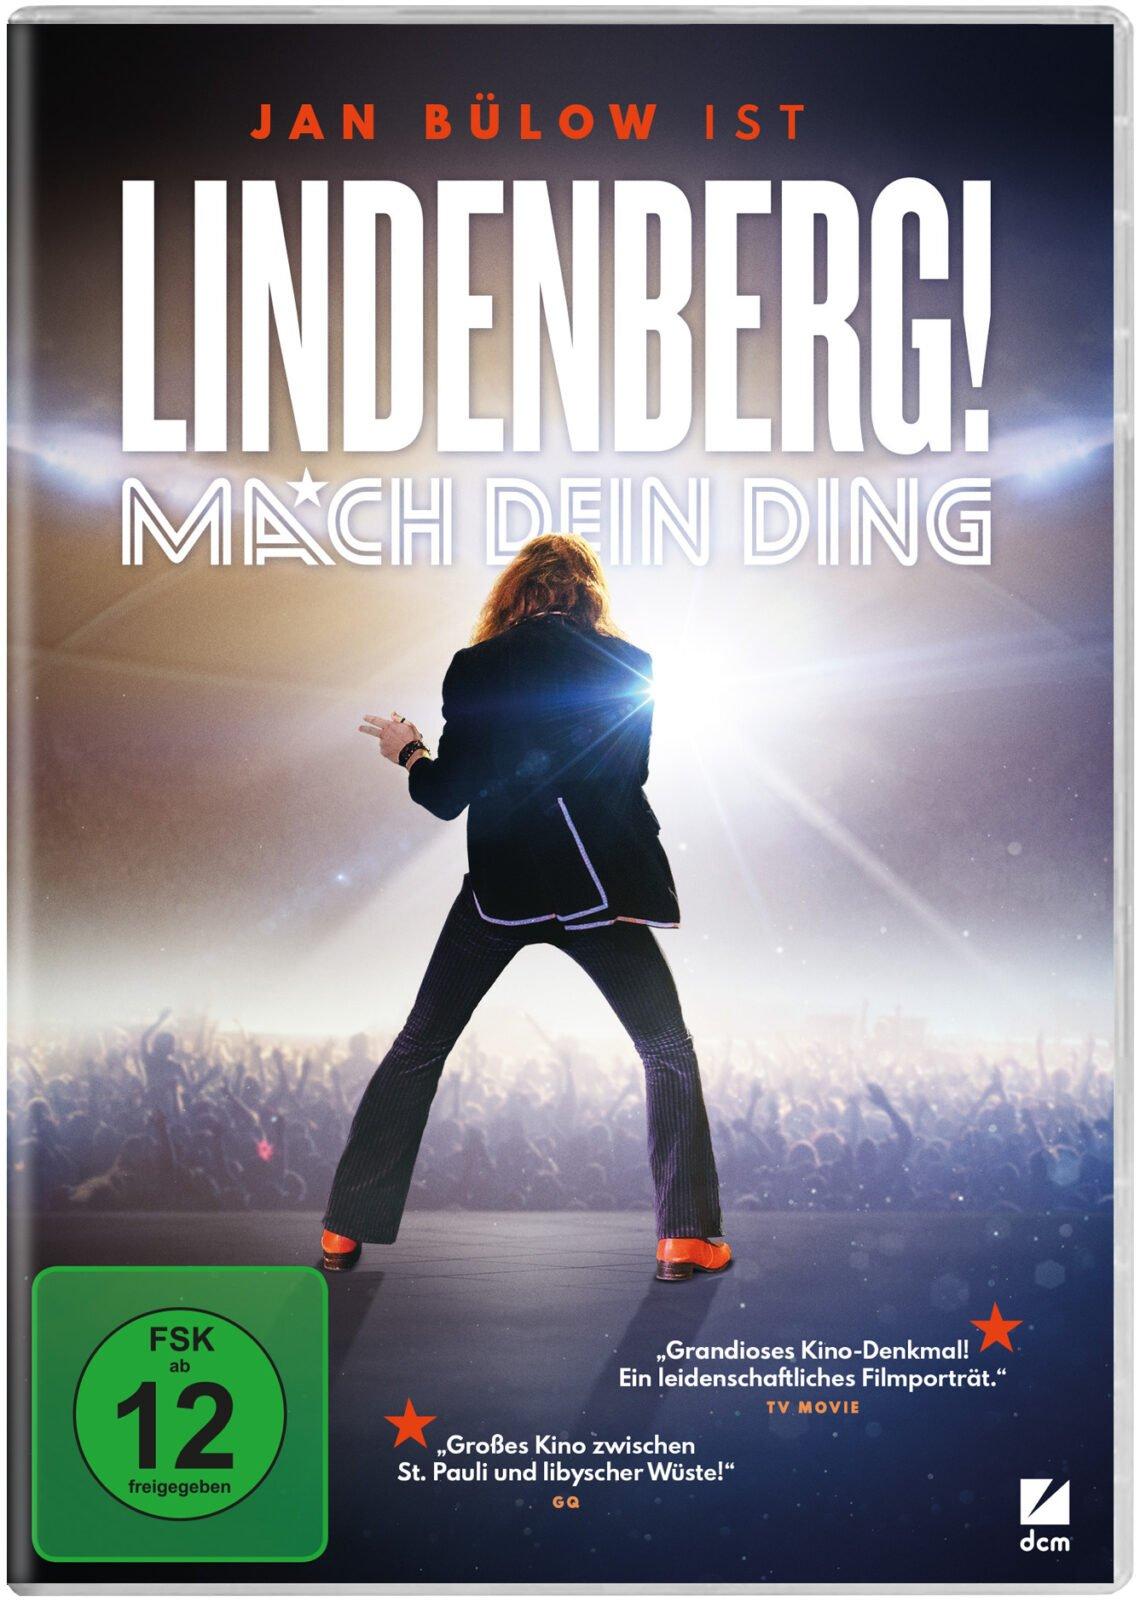 conny doll lifestyle: Udo Lindenberg! Mach Dein Ding, DVD fürs Heimkino Verlosung im August 2020